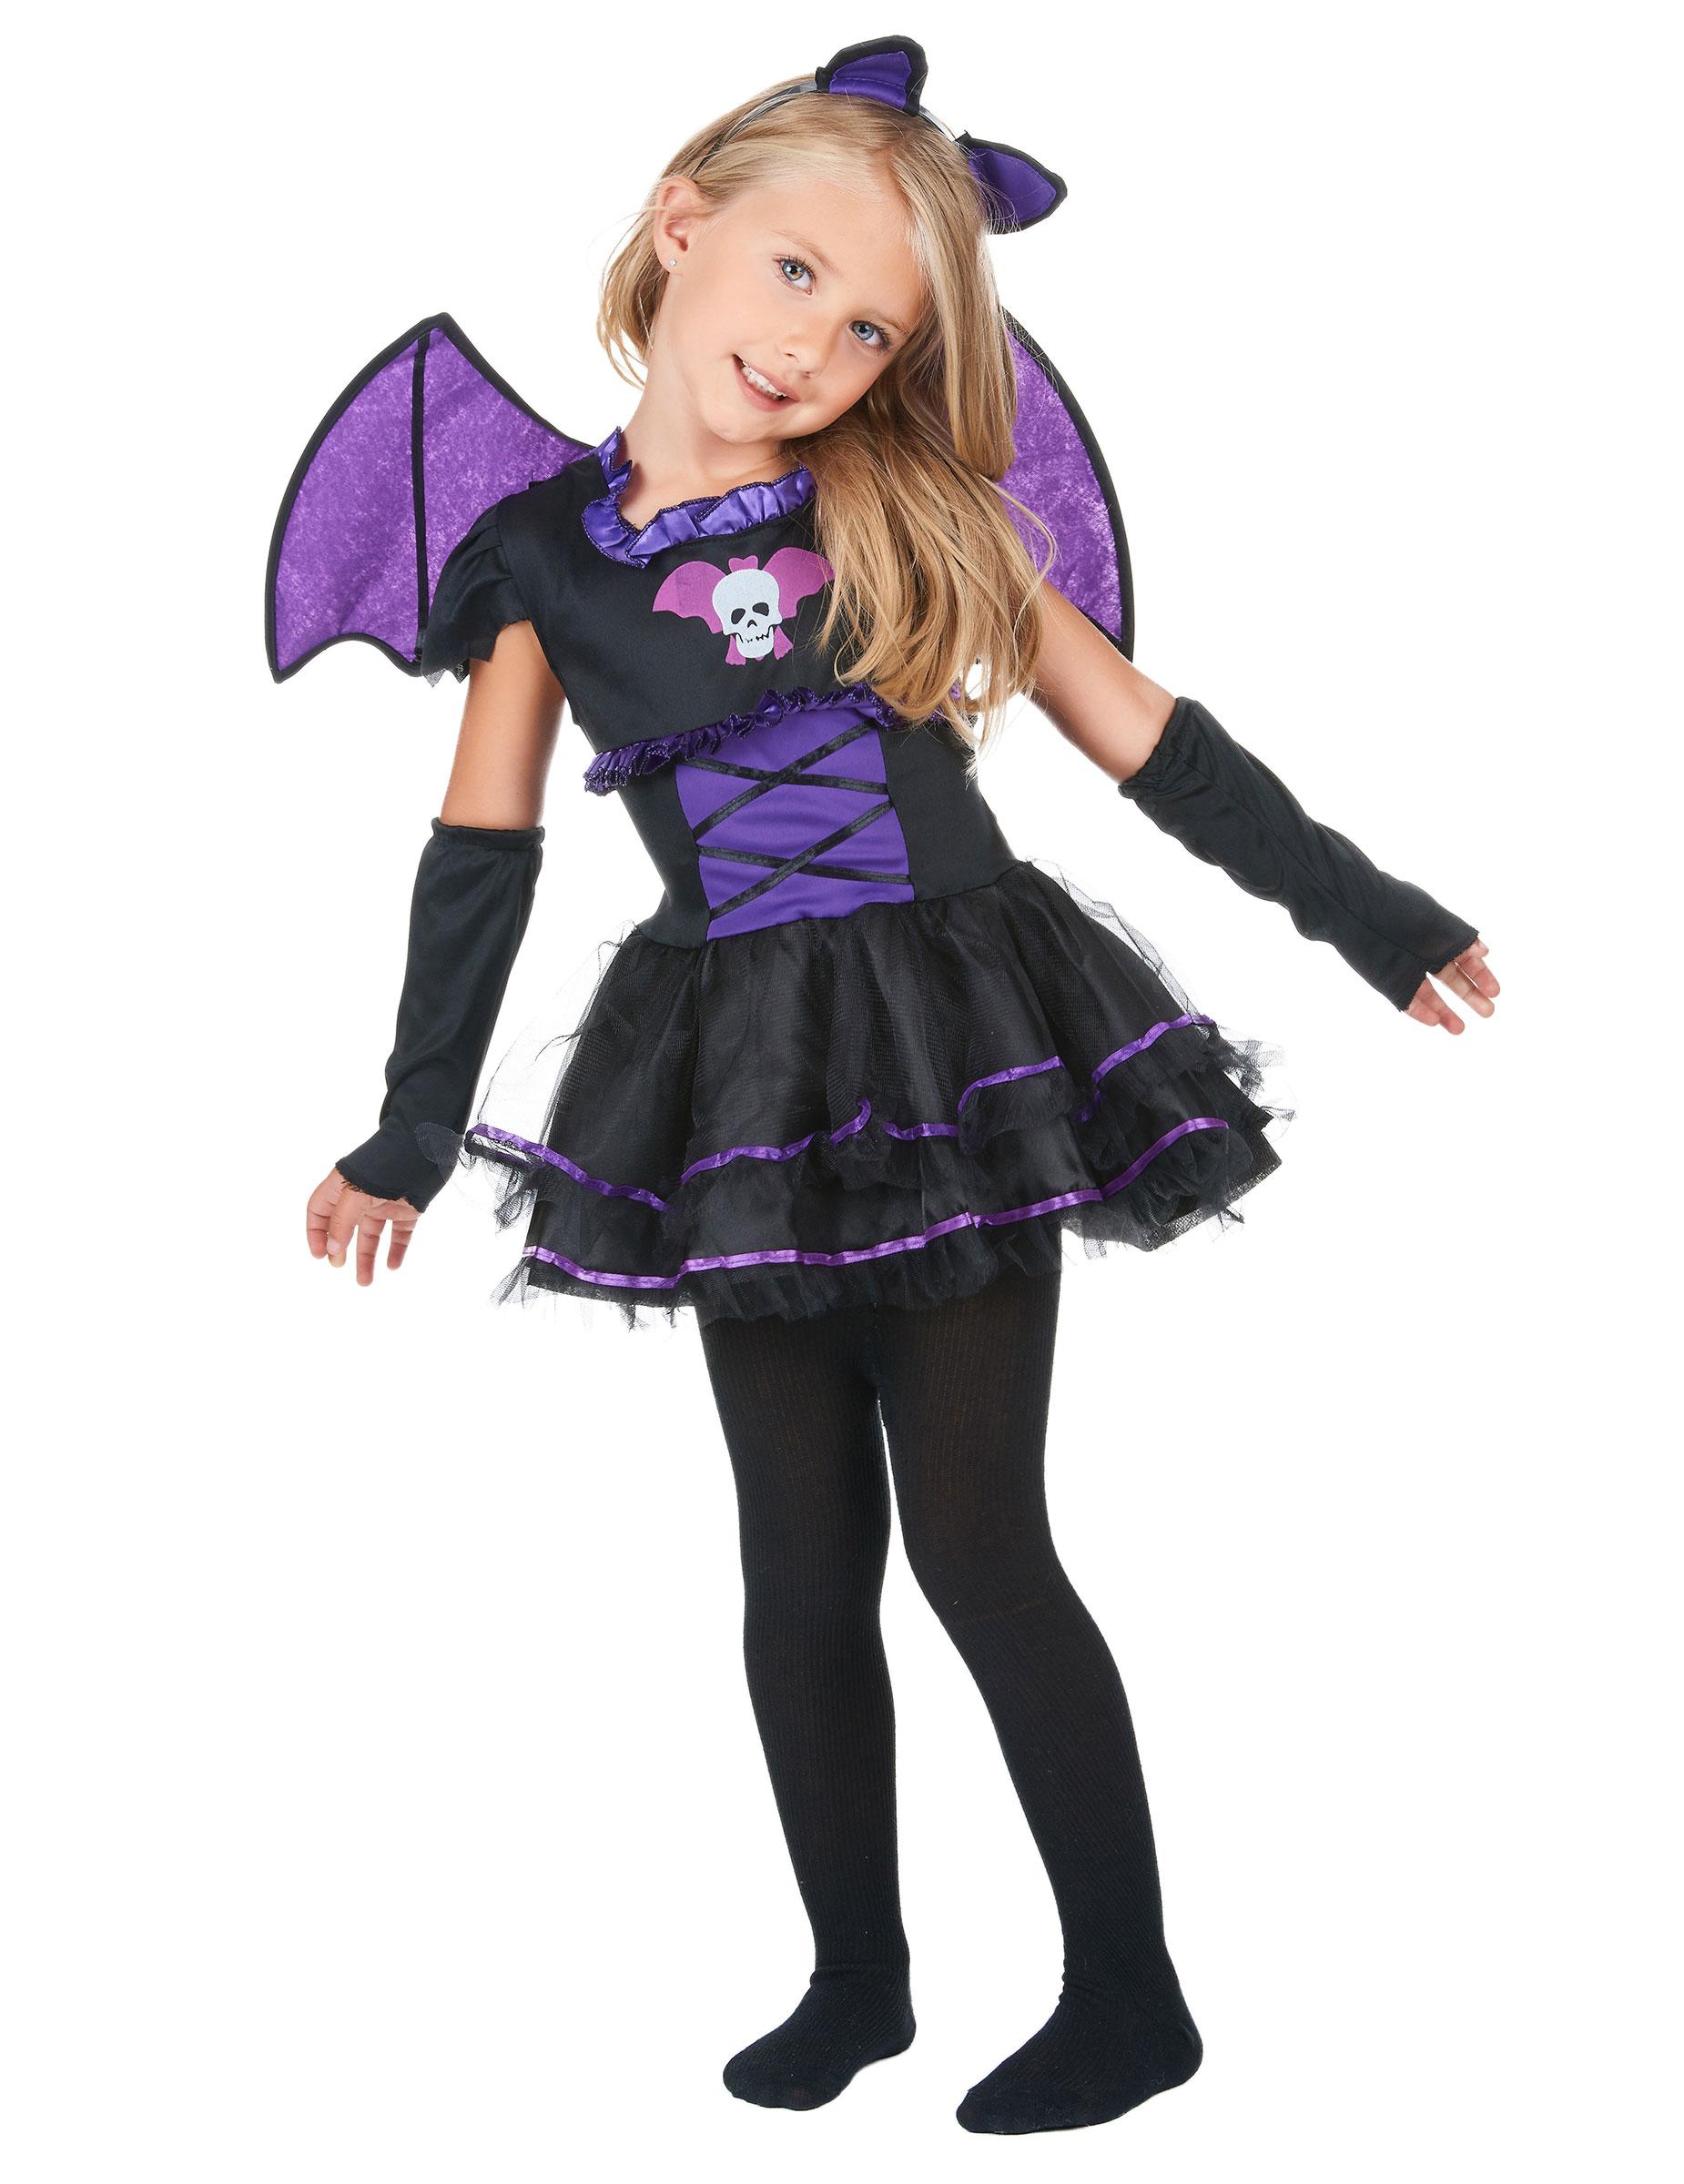 Vestiti Halloween Bambina 3 Anni.Costume Da Pipistrello Viola Bambina